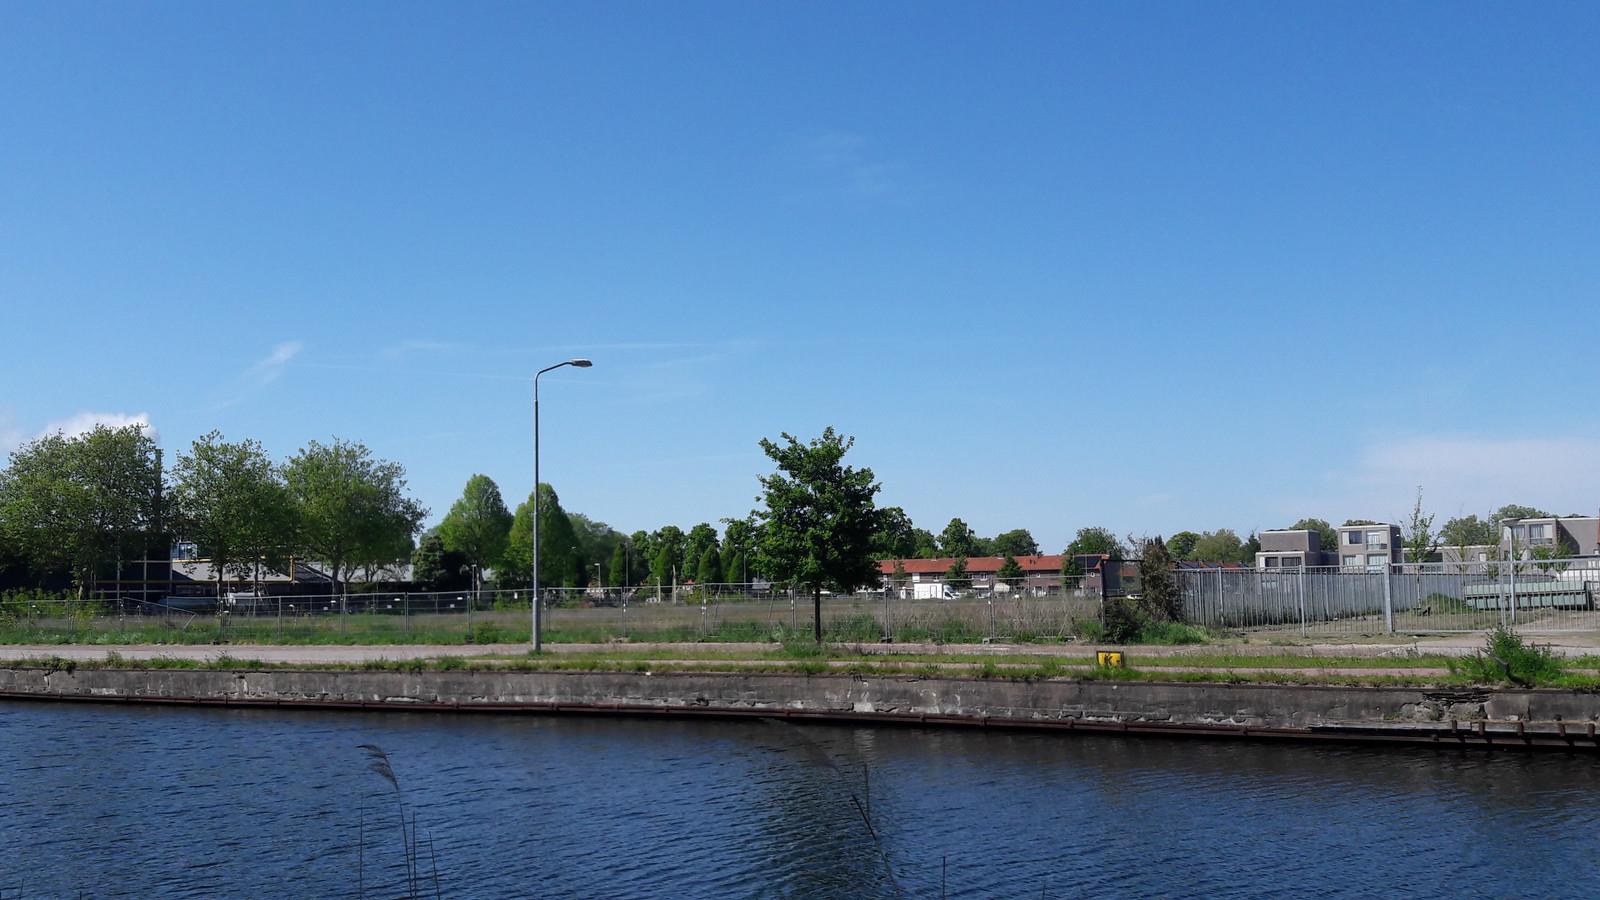 De Kade Eindhoven.Bedrijven De Kade In Eindhoven Blijven Tegen Komst Regionaal